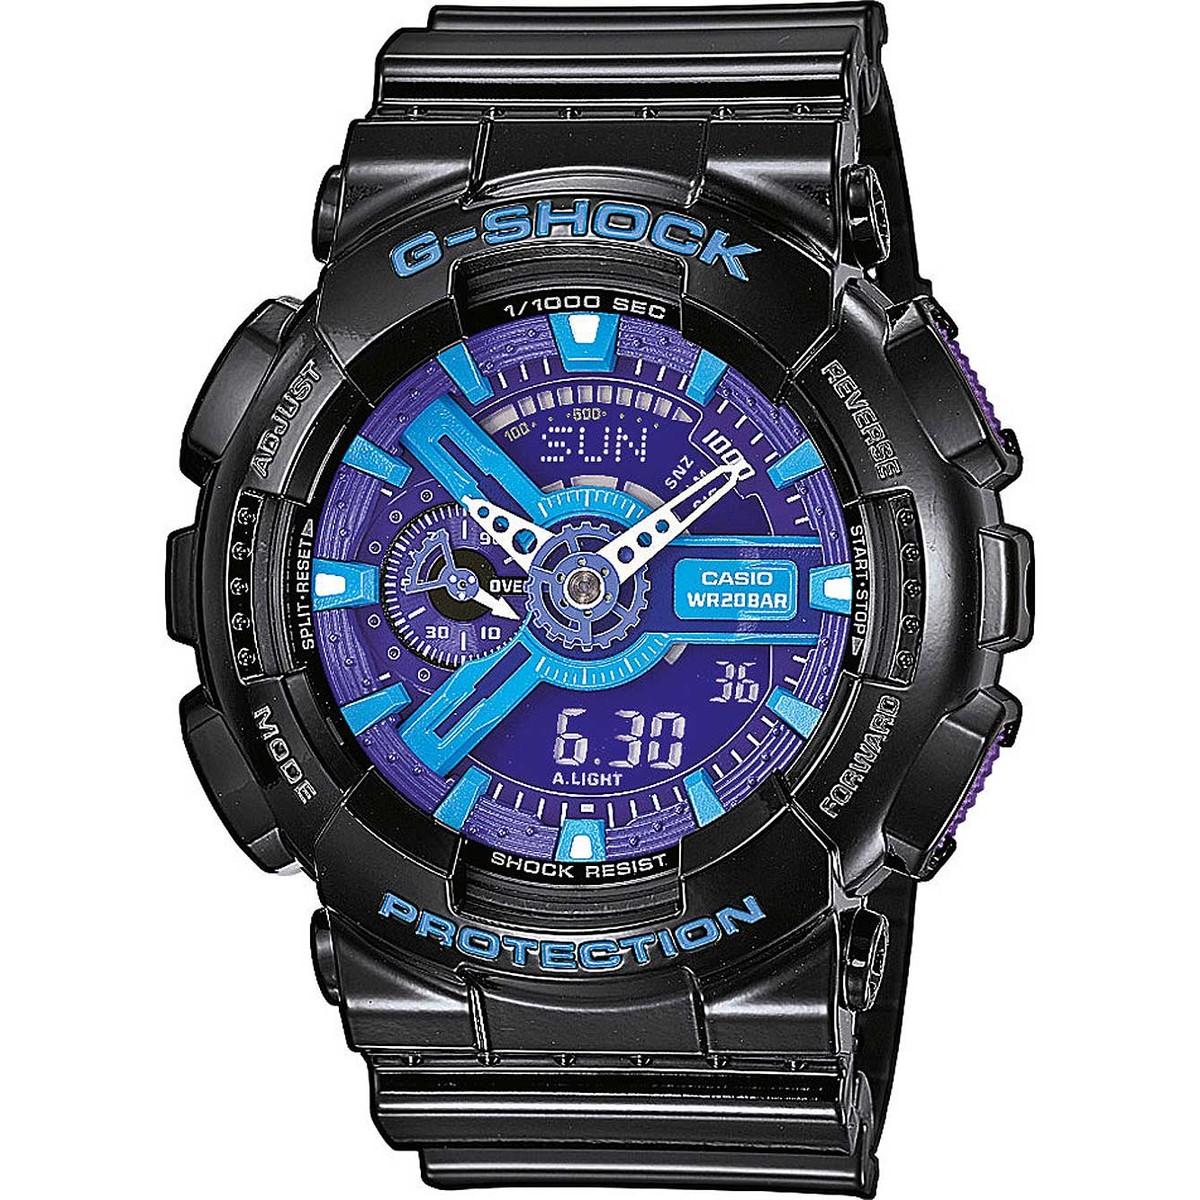 Ceas barbatesc Casio G-Shock GA-110HC-1AER original de mana